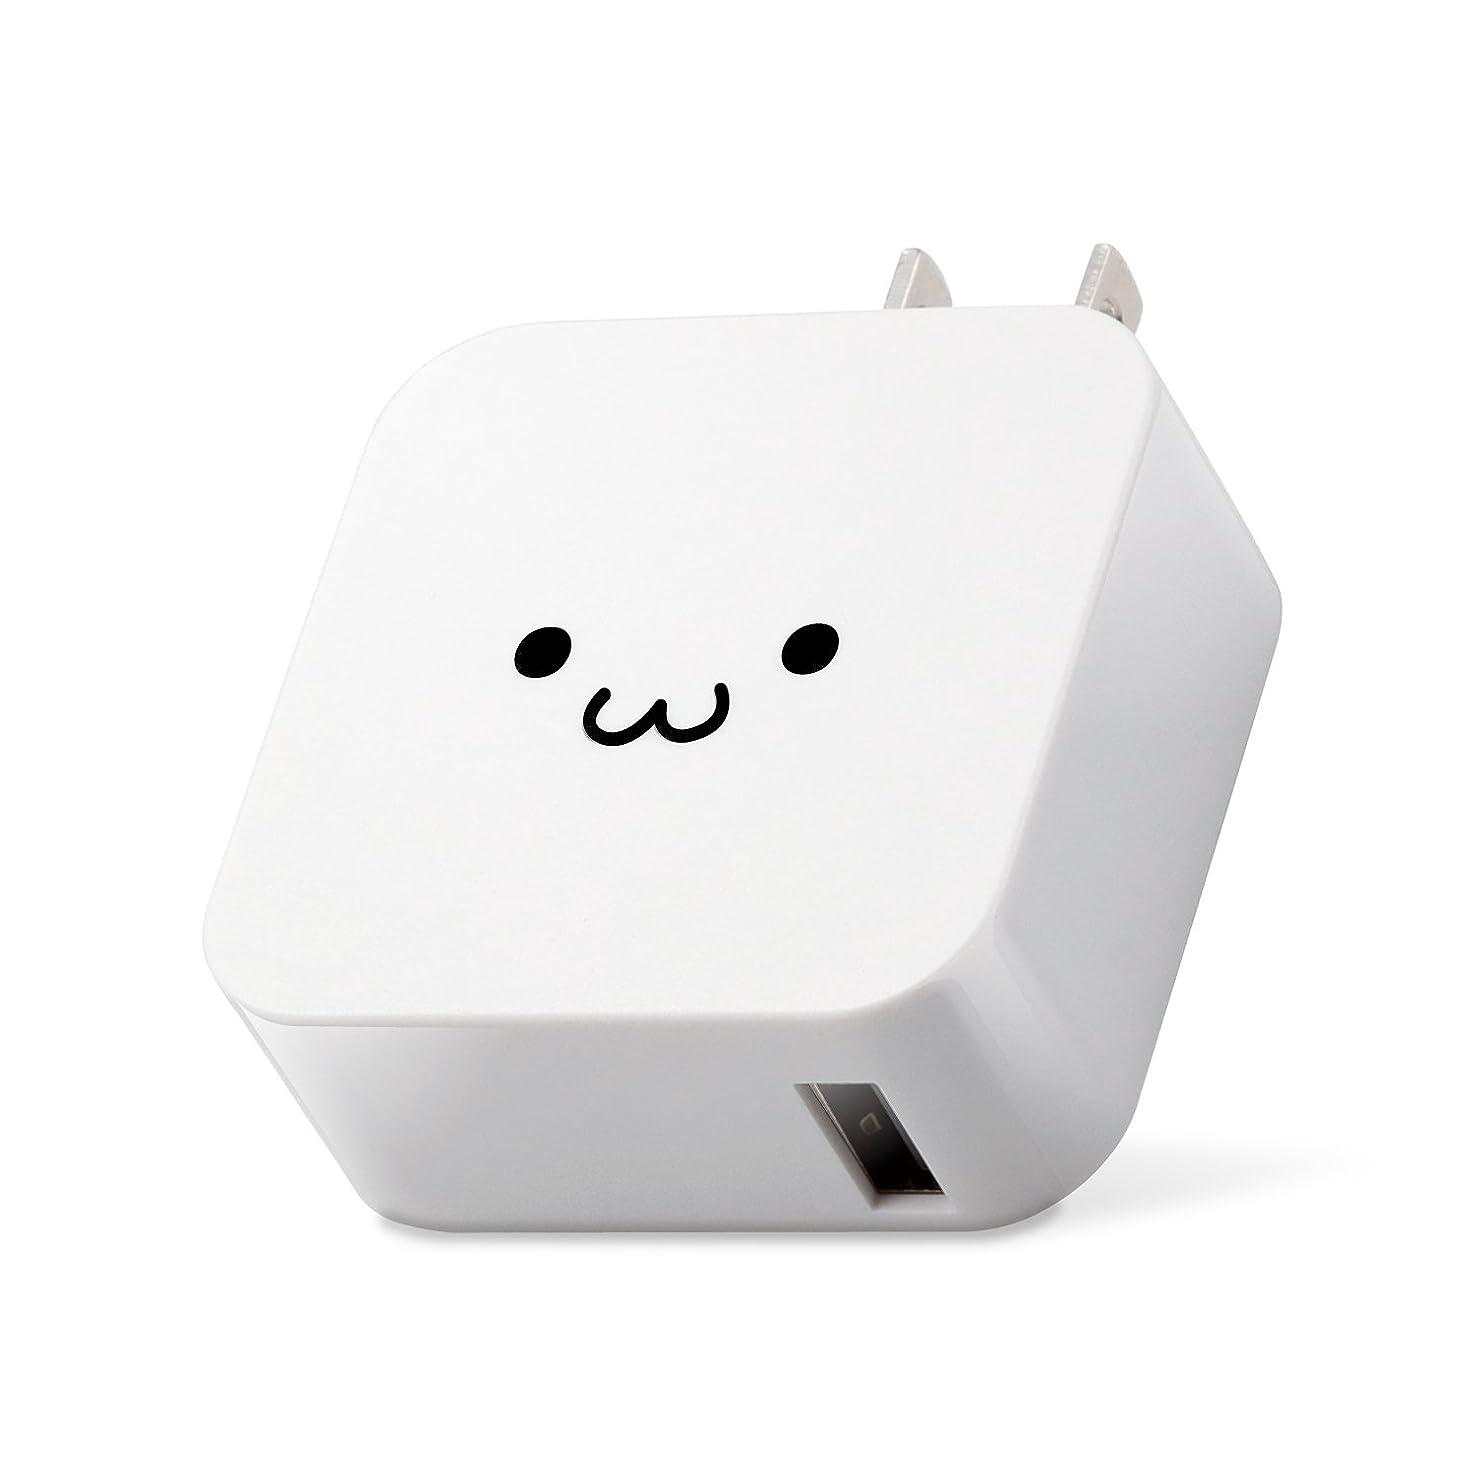 ブロック計り知れない小康エレコム 充電器 ACアダプター 【iPhone & iPad & Android & IQOS & glo 対応】 折畳式プラグ USBポート×1 (2.4A出力) ホワイトフェイス